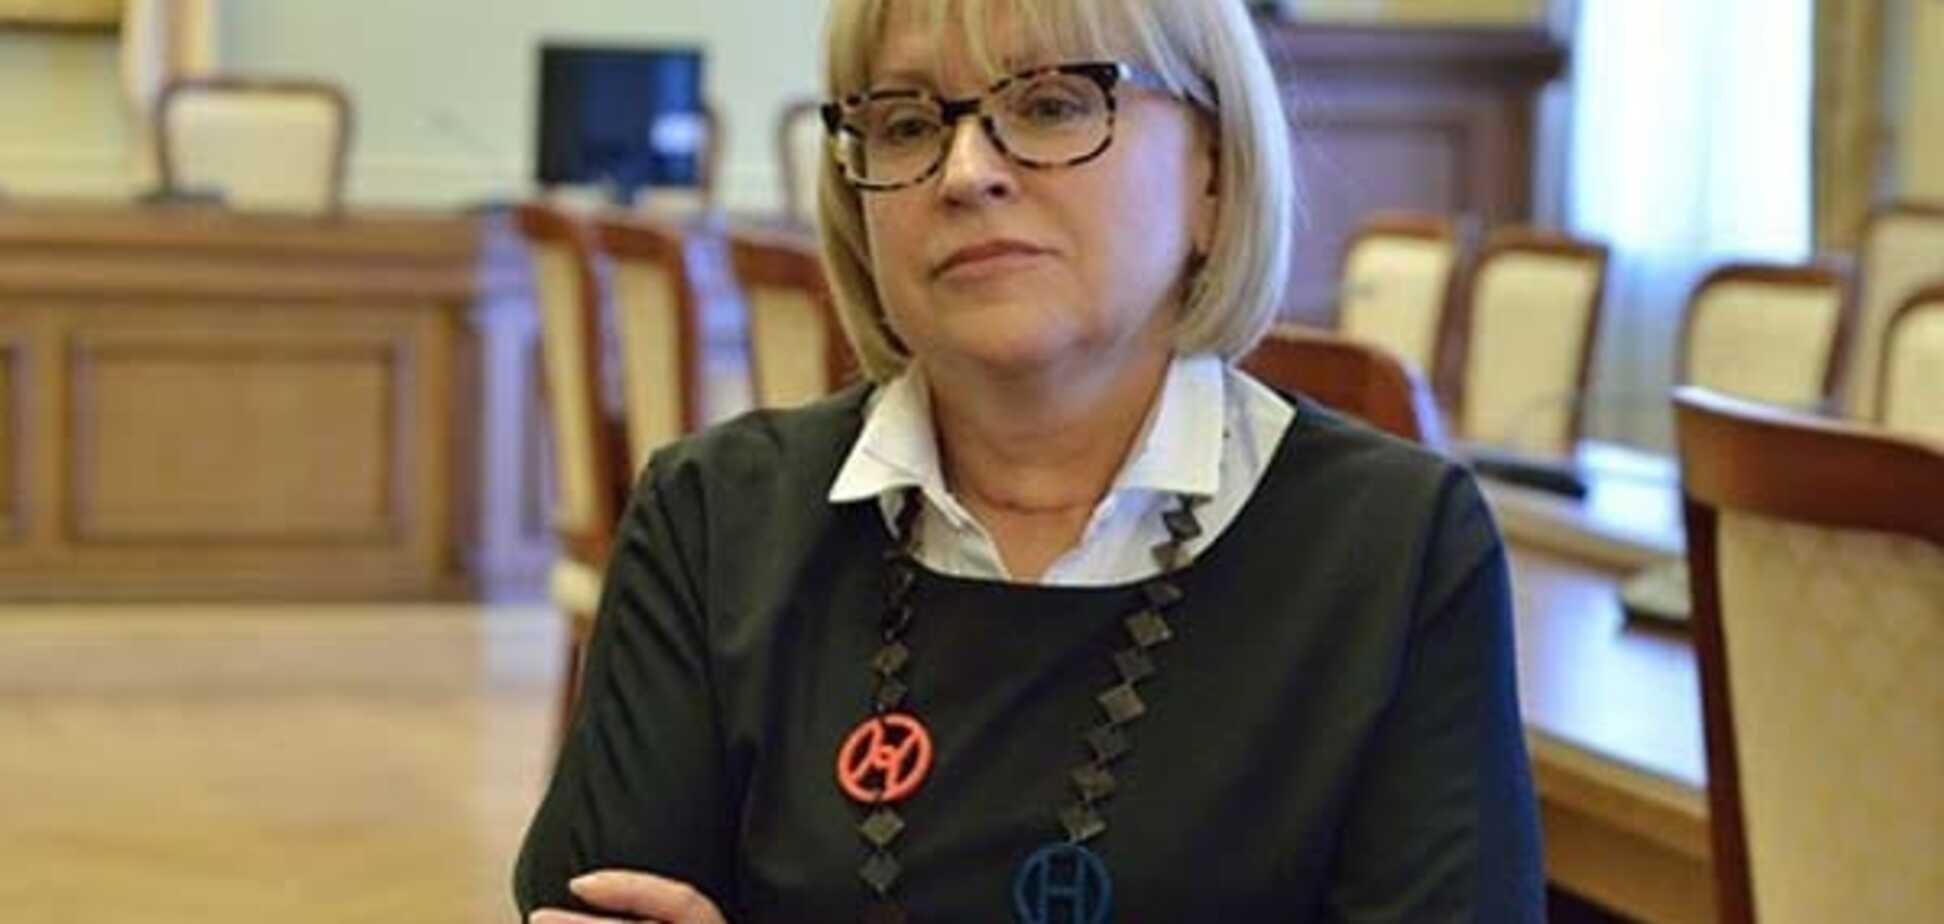 Відсторонена ректор Національного медуніверситету Амосова скликає вчену раду і хоче провести нові кадрові призначення - блогер